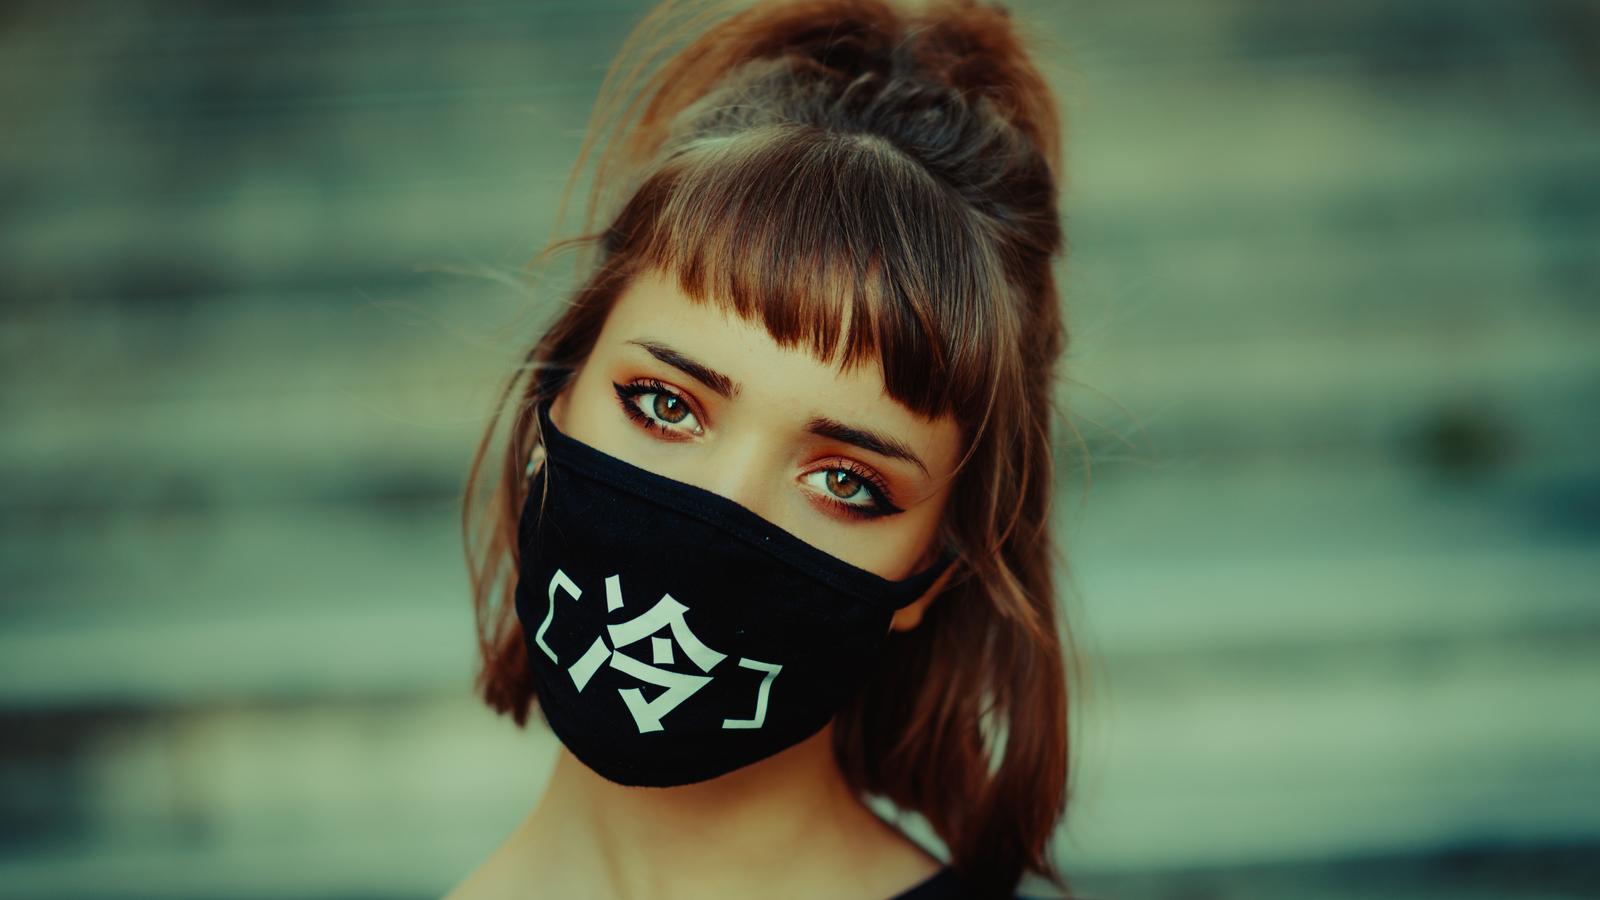 girl-face-mask-5k-yf.jpg